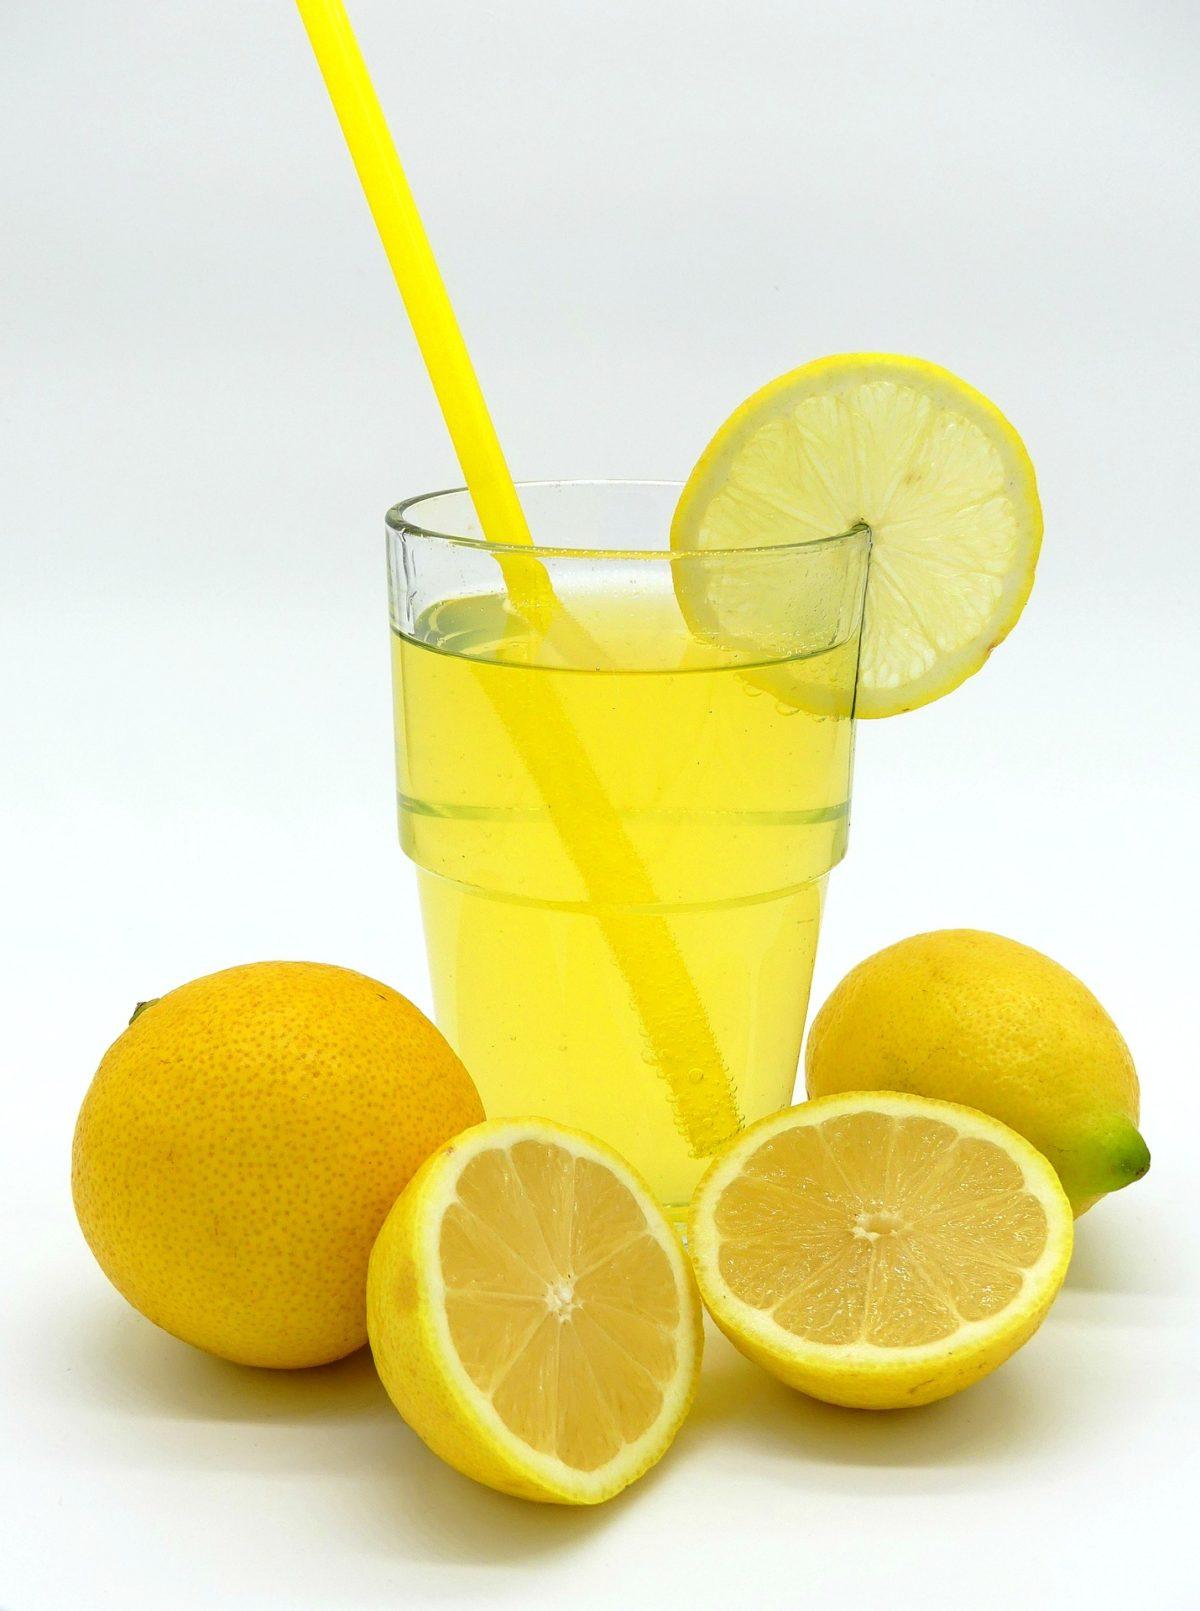 キレートレモンで綺麗になろう!